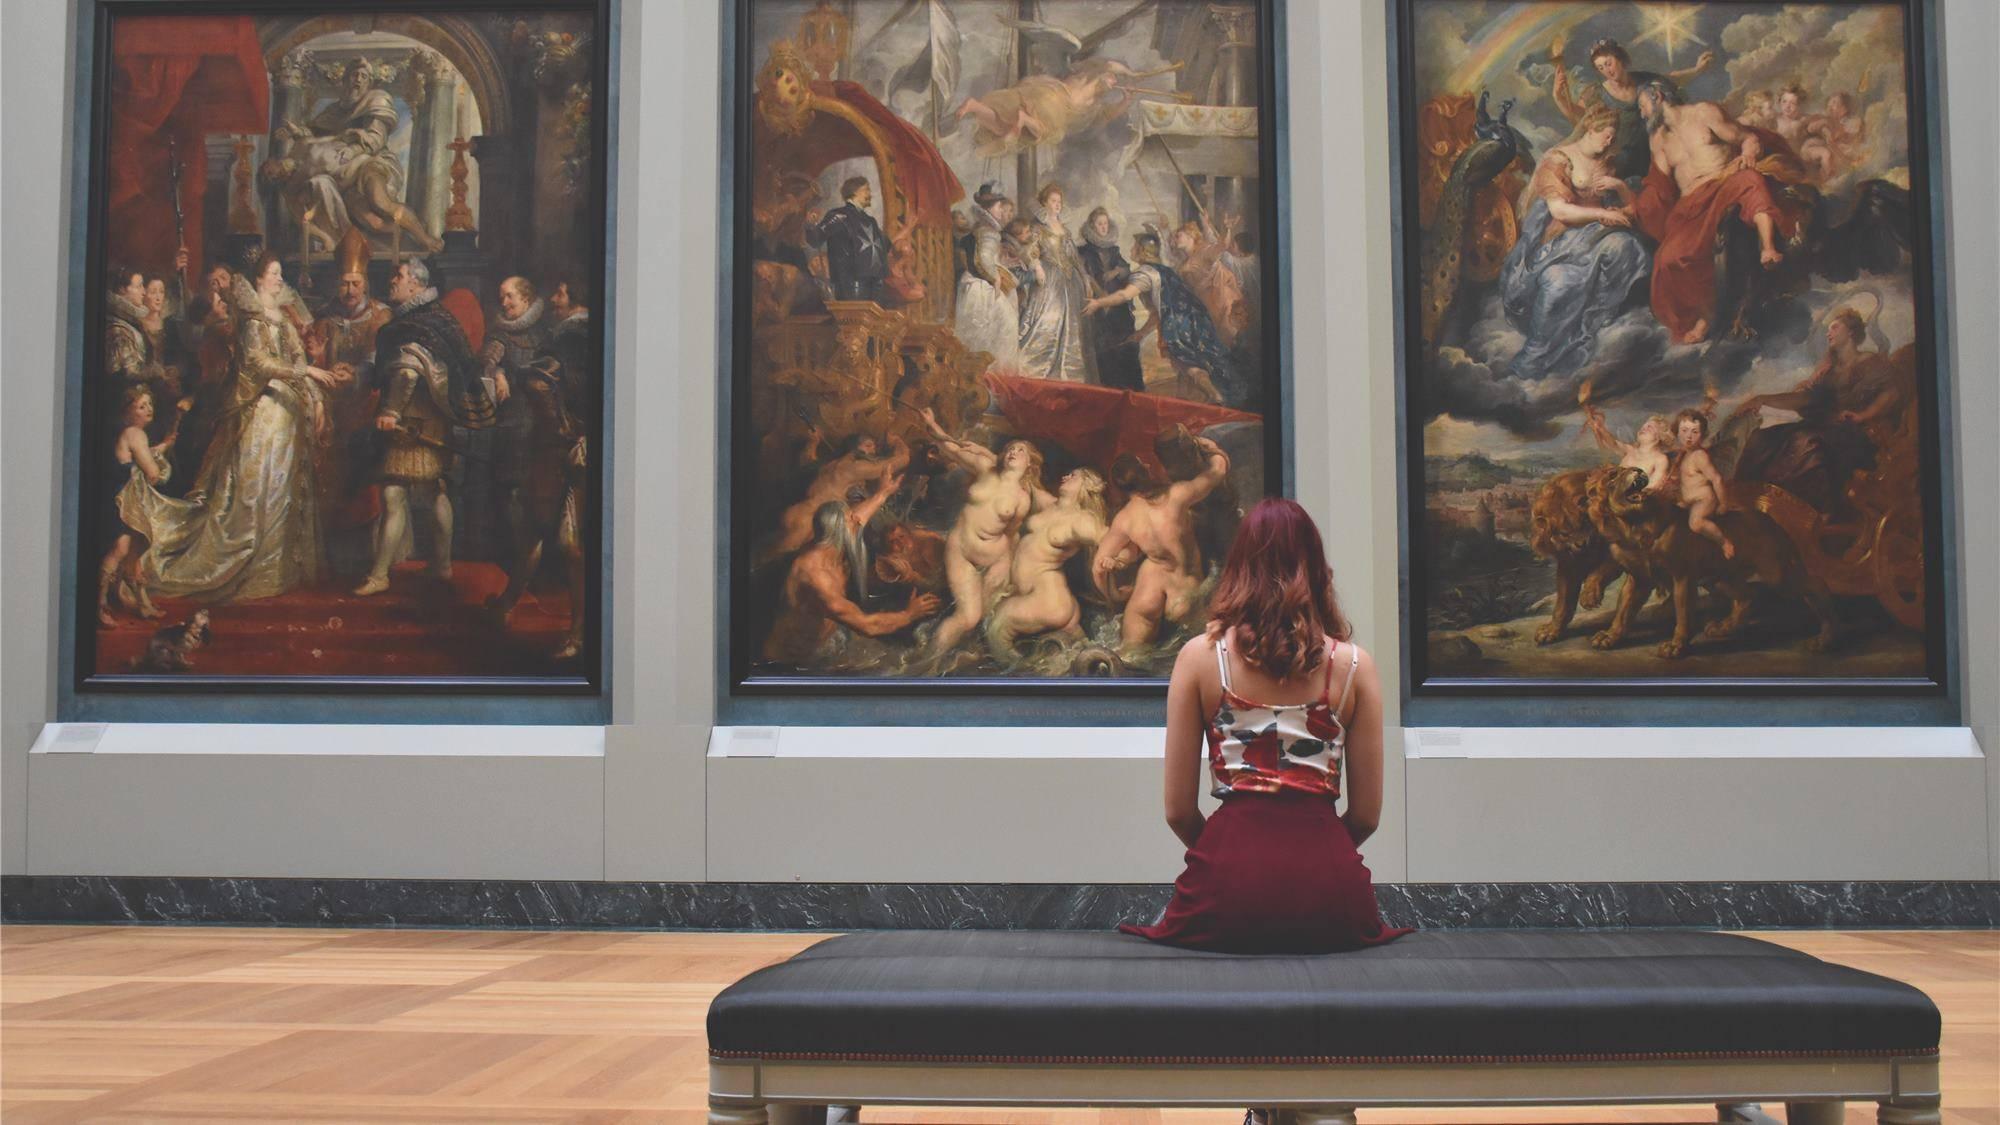 八大博物馆直播间拼家底,千万游客意味着什么